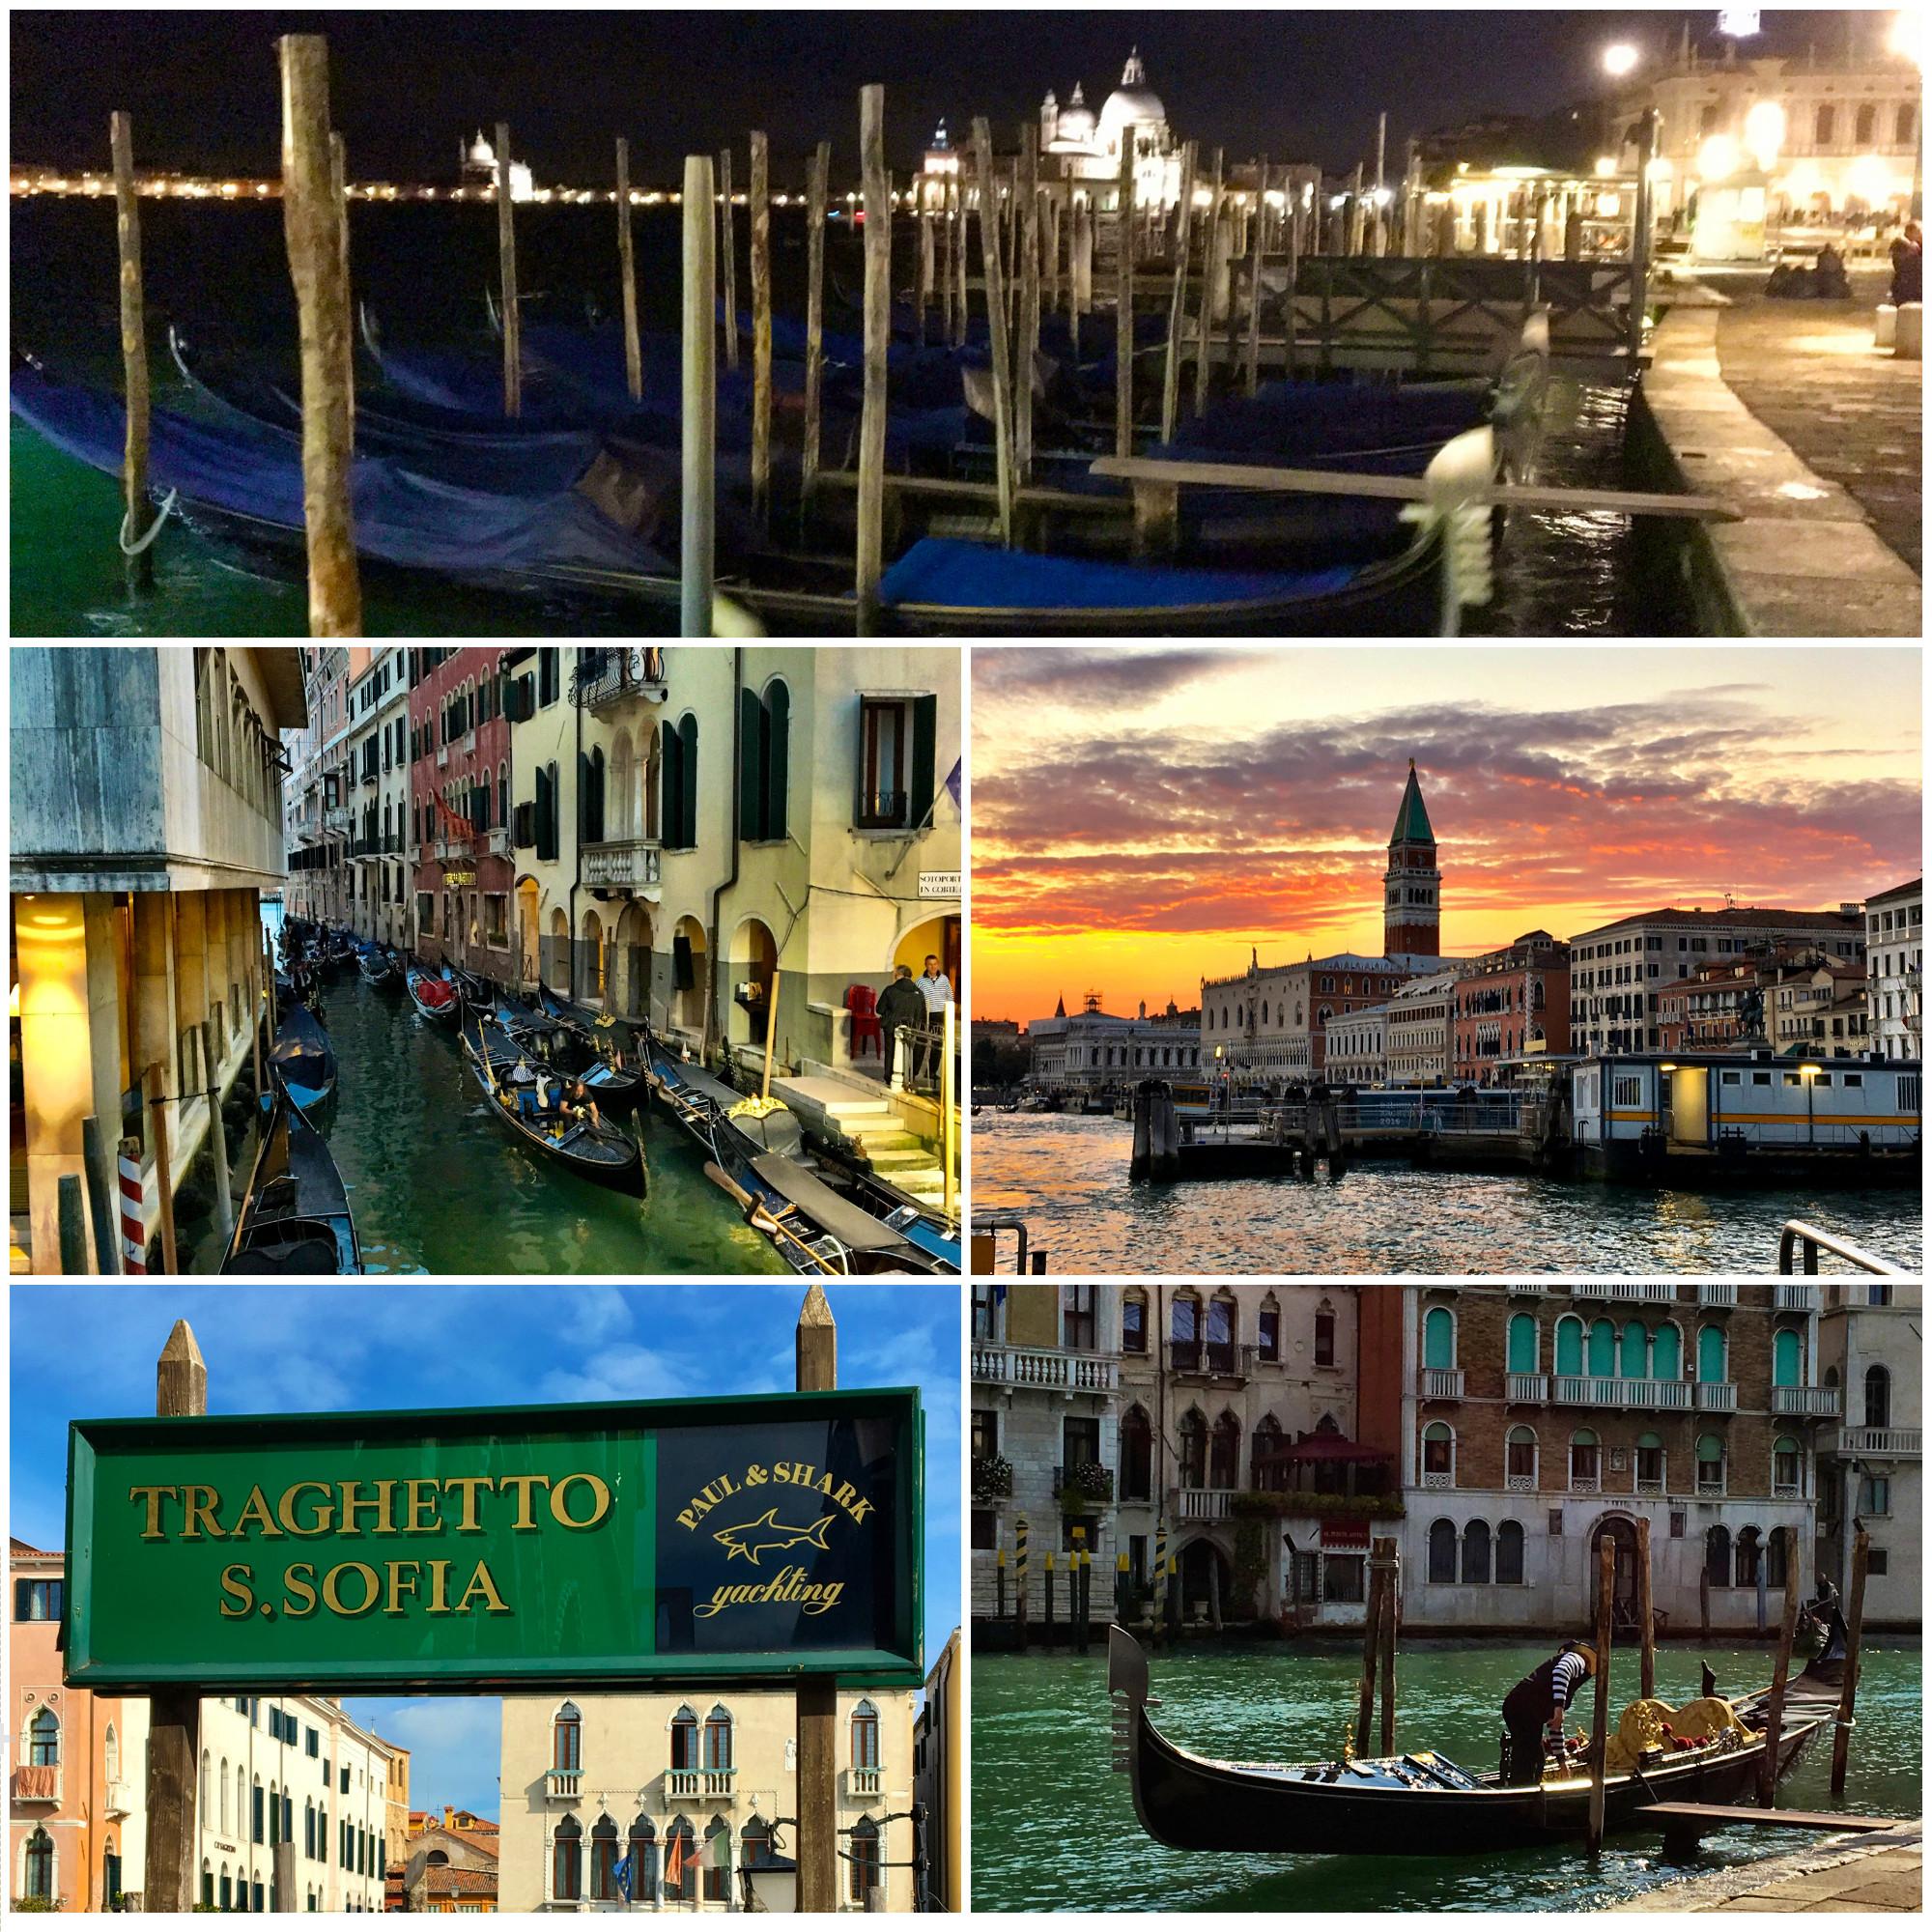 Wasserwege in Venedig für Gondeln, Valporetti und Traghetti